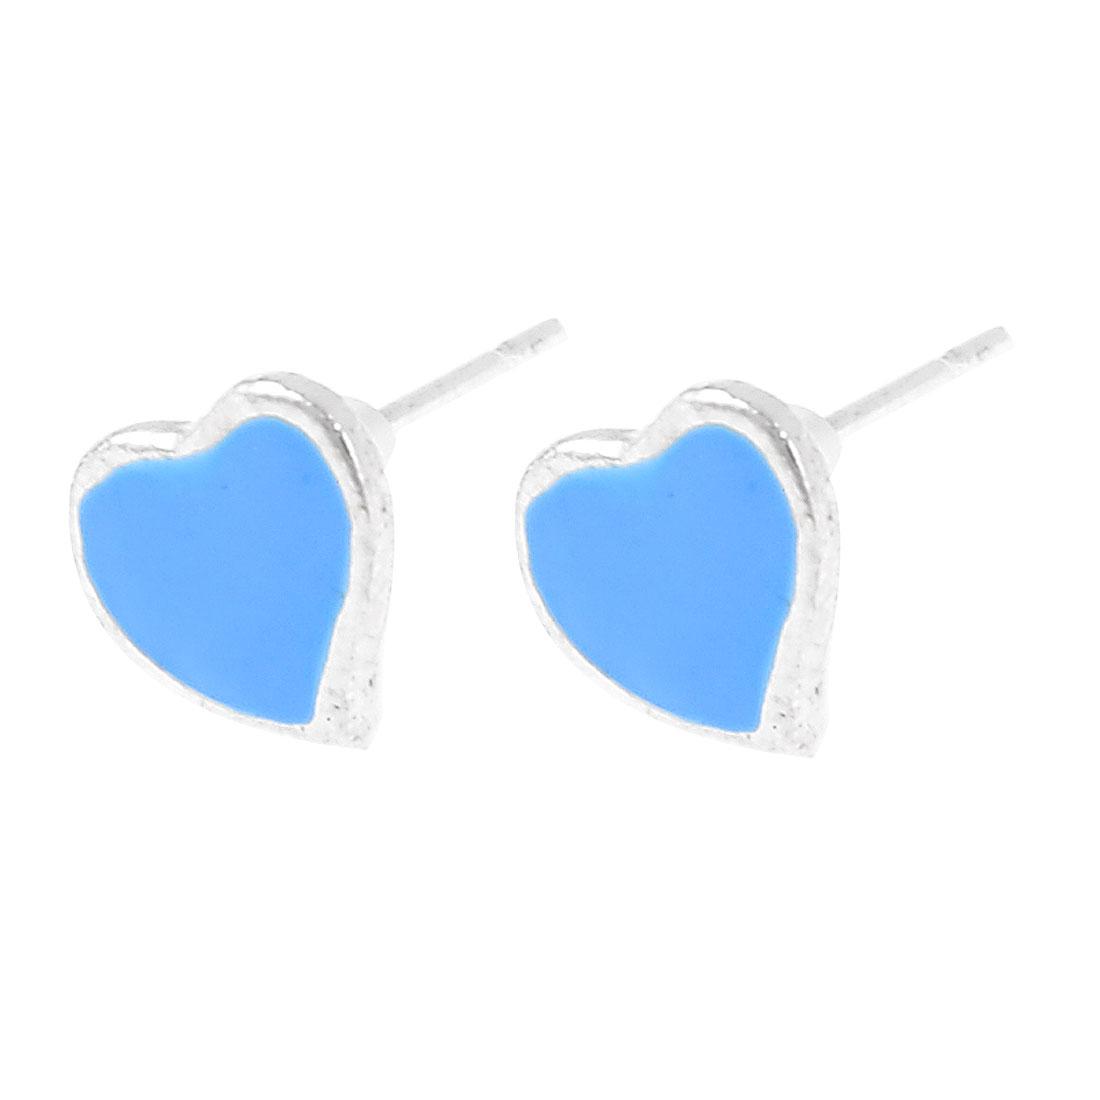 Woman Pair Blue Heart Shape Metal Stud Earbobs Earrings